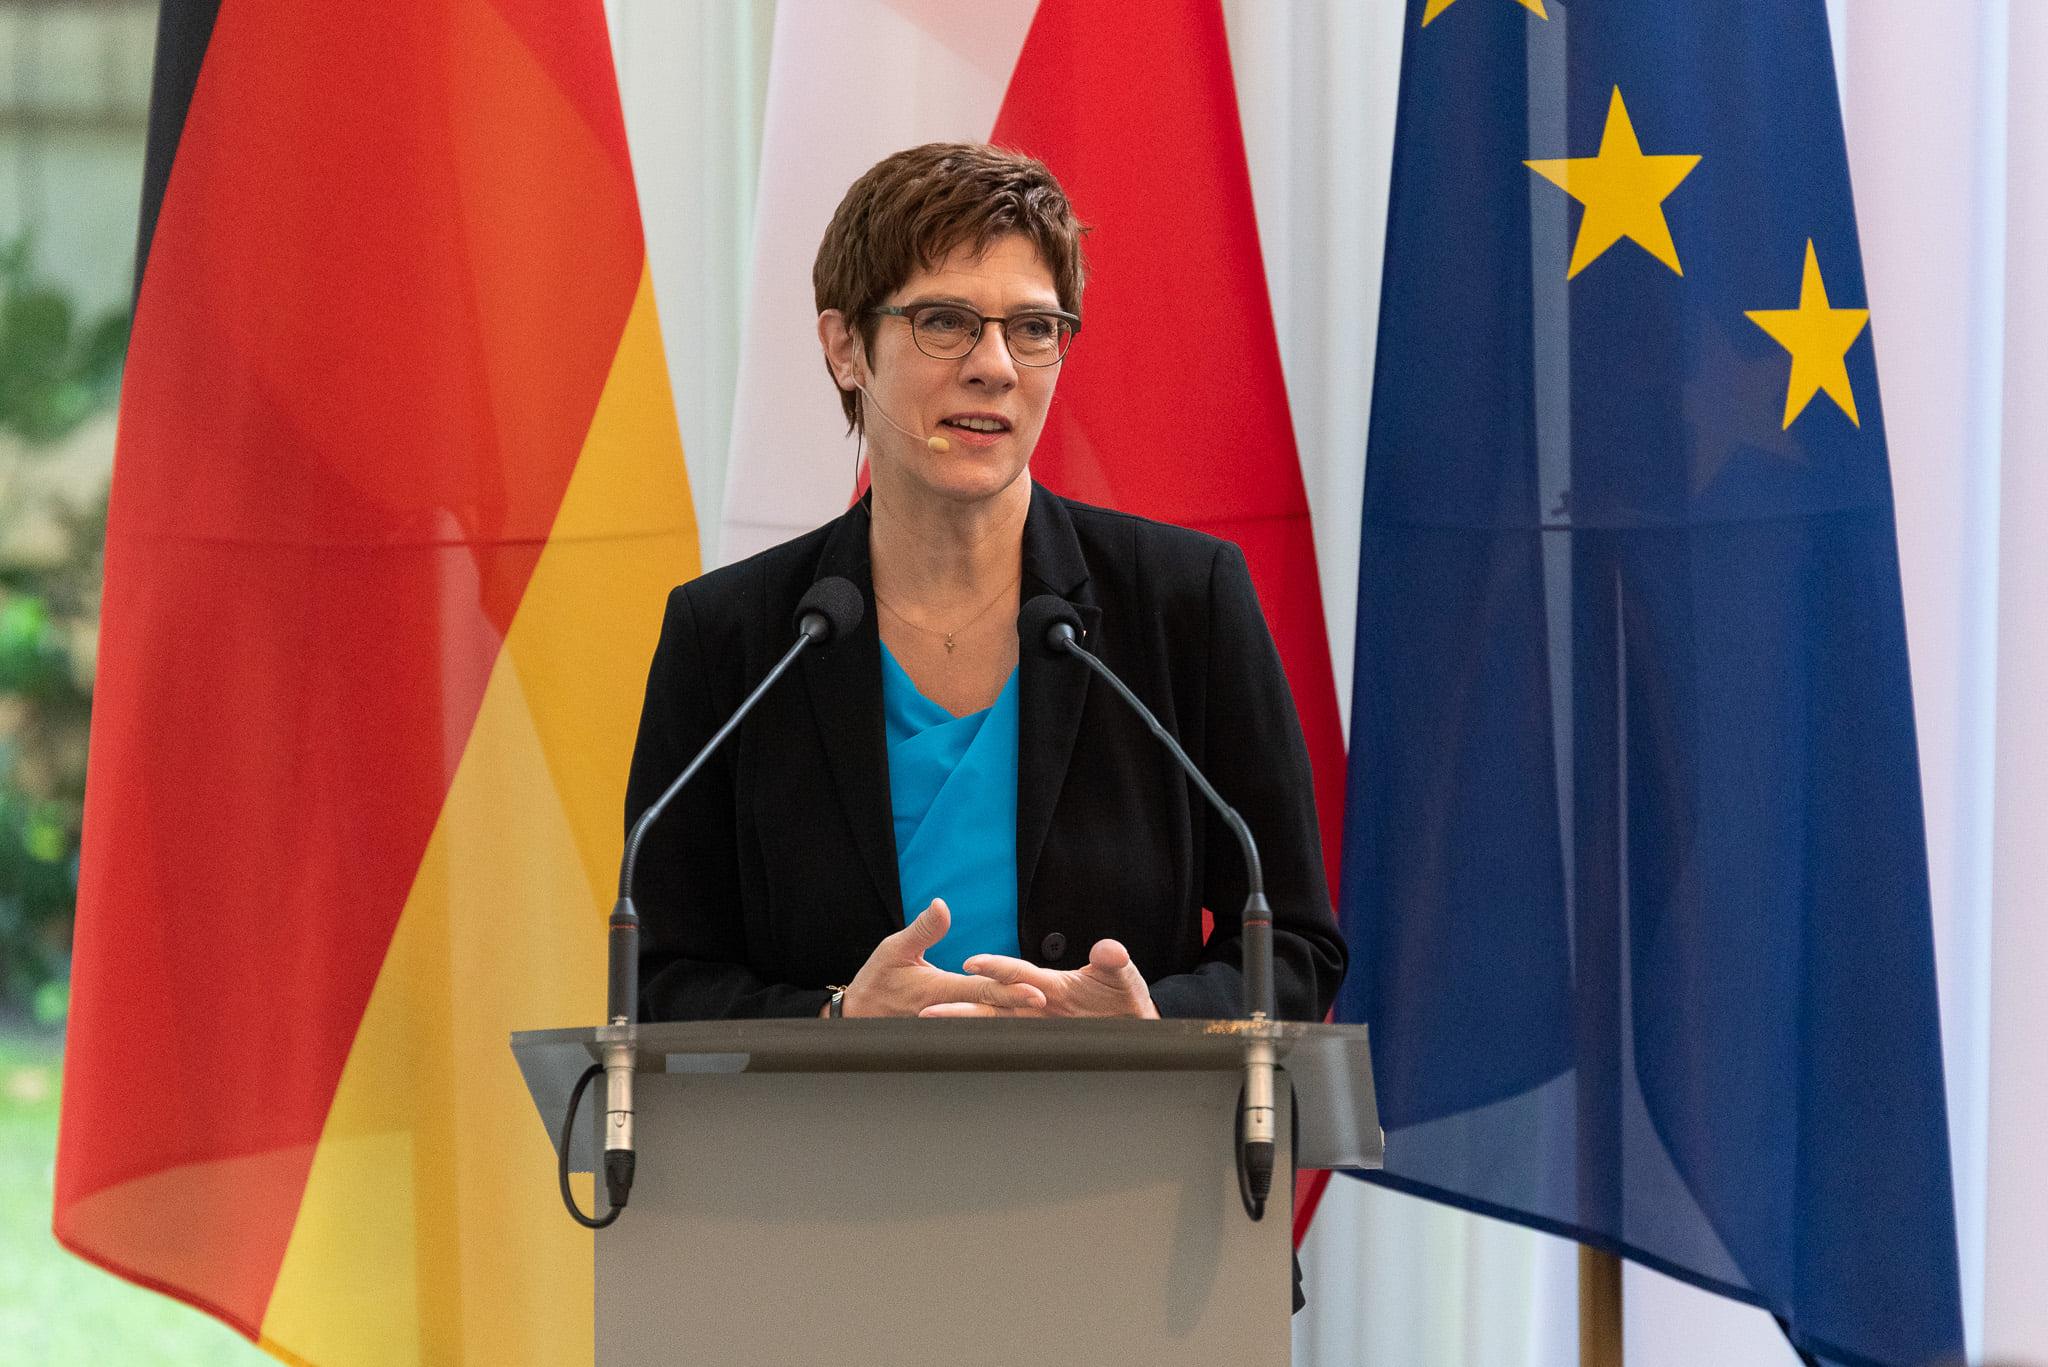 CPF hosted German MoD Annegret Kramp-Karrenbauer in Warsaw